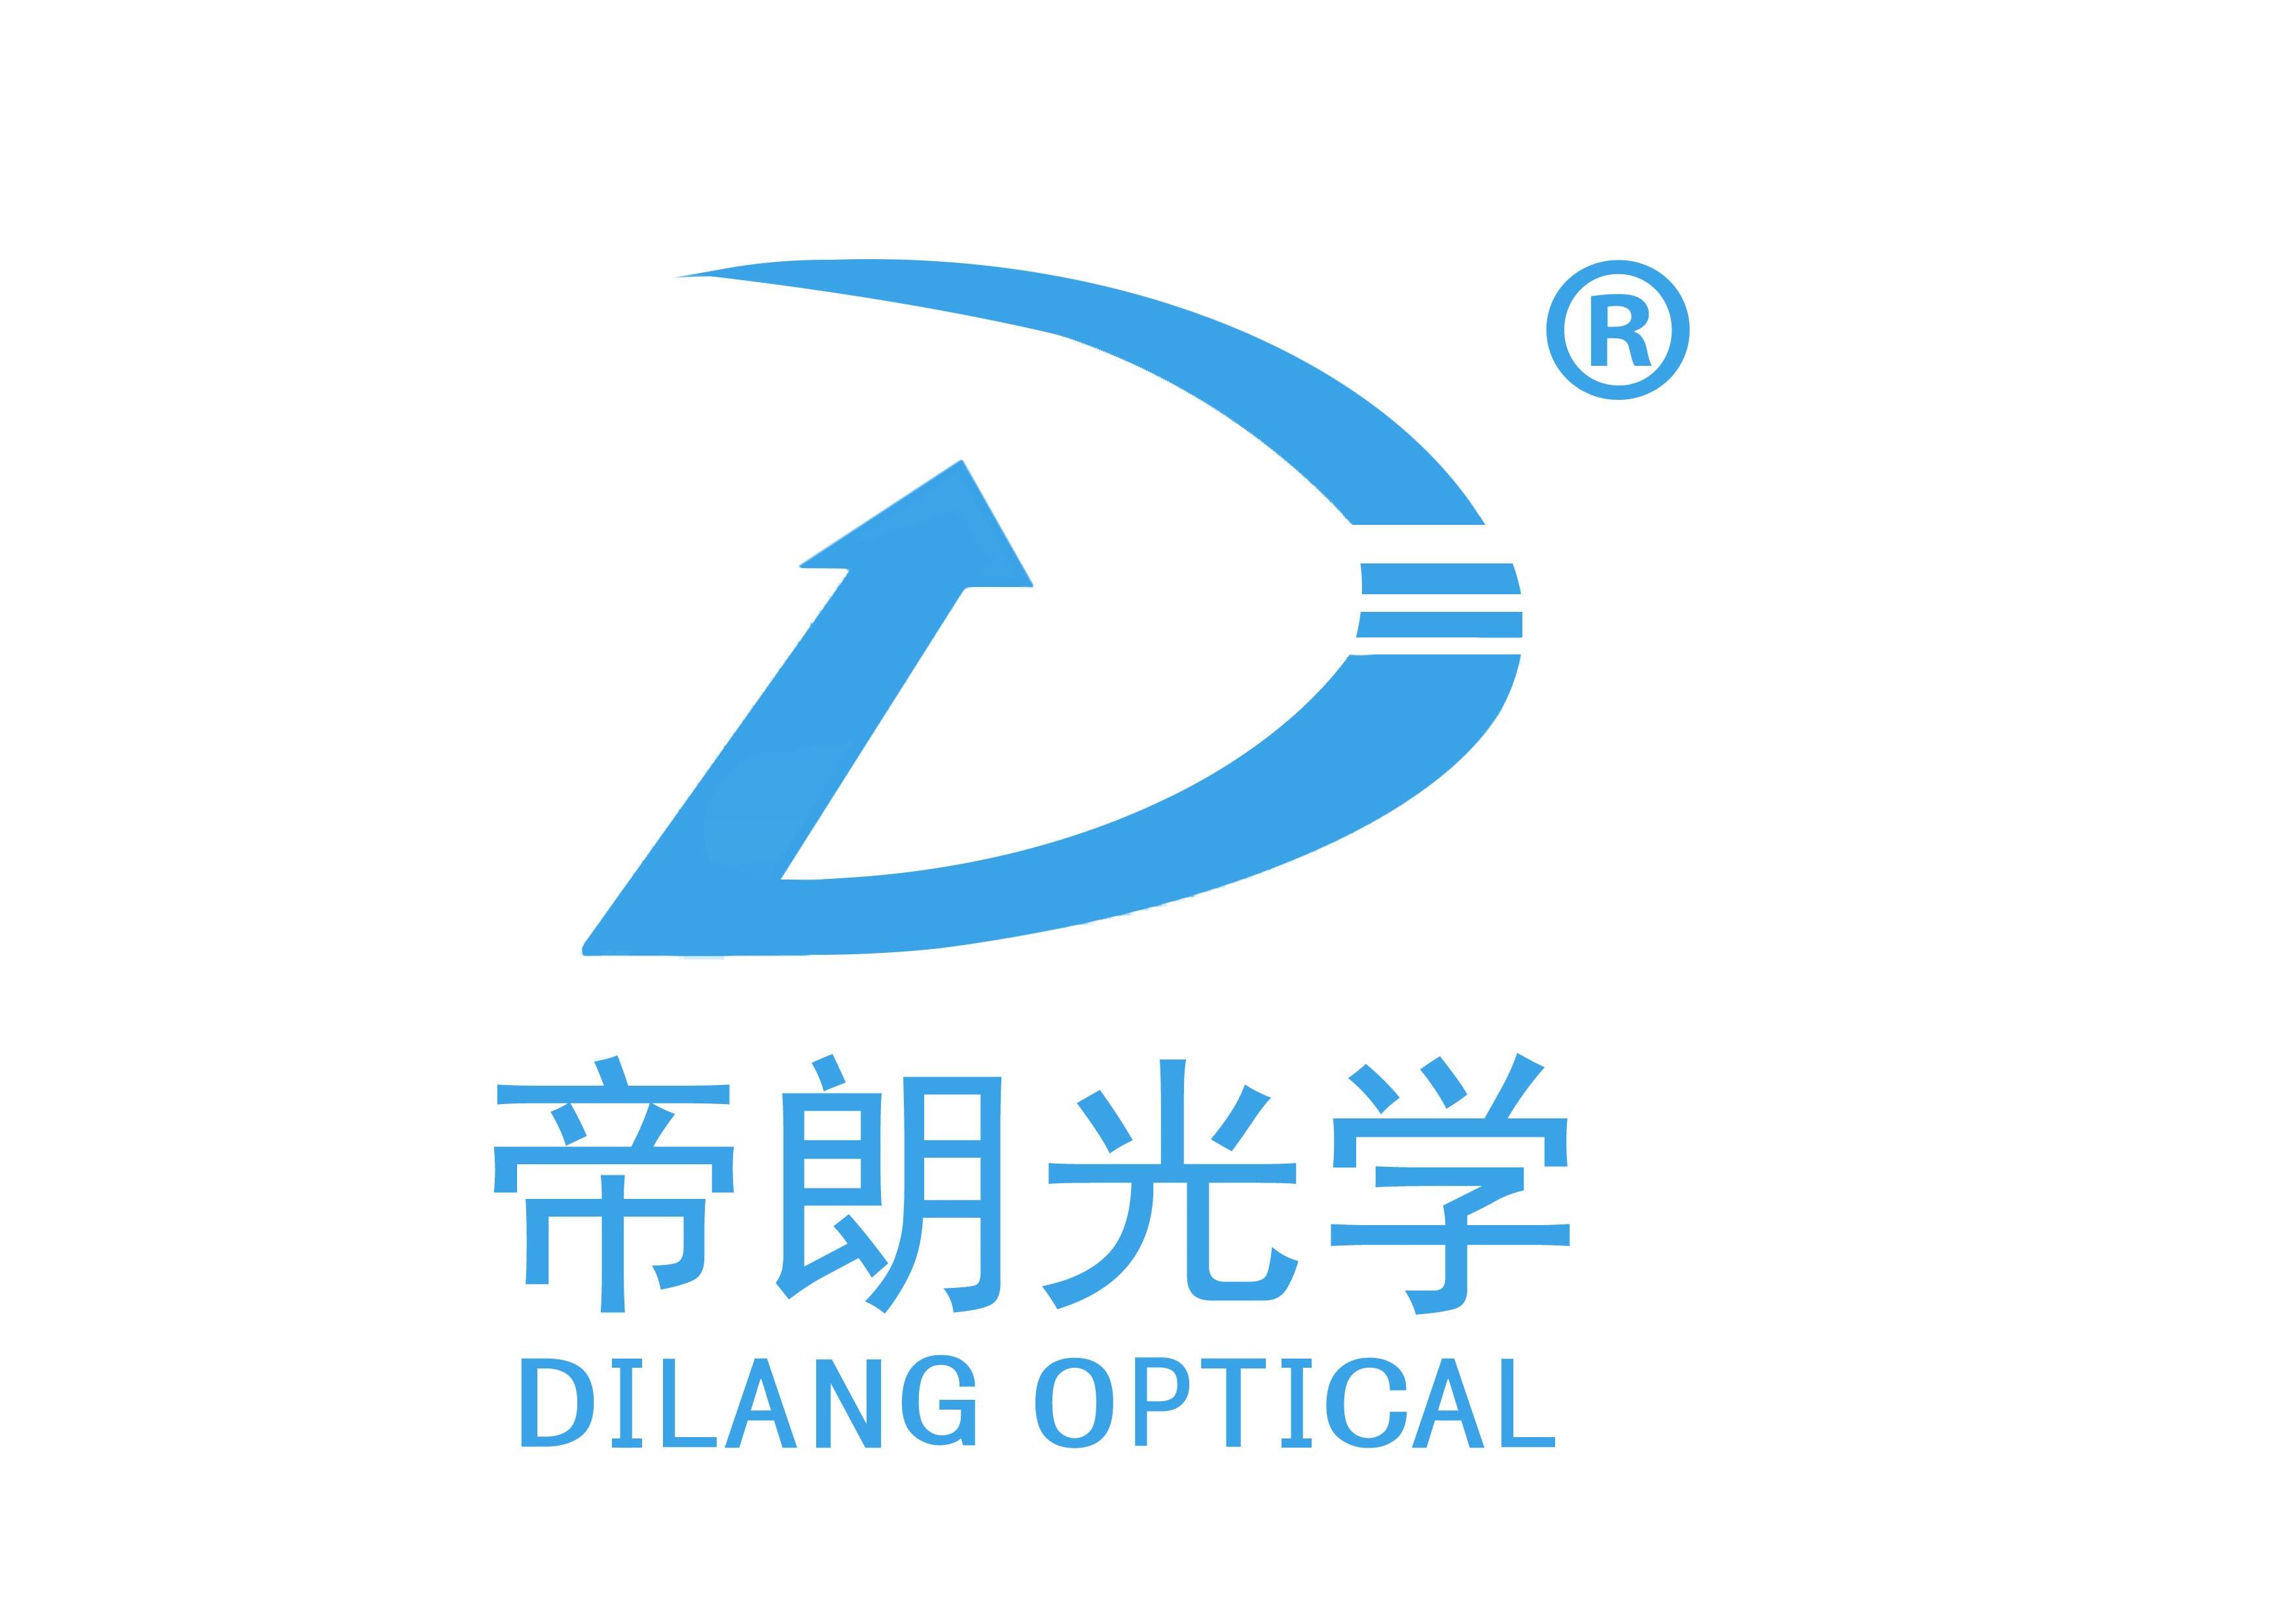 无锡帝朗光学材料科技有限公司